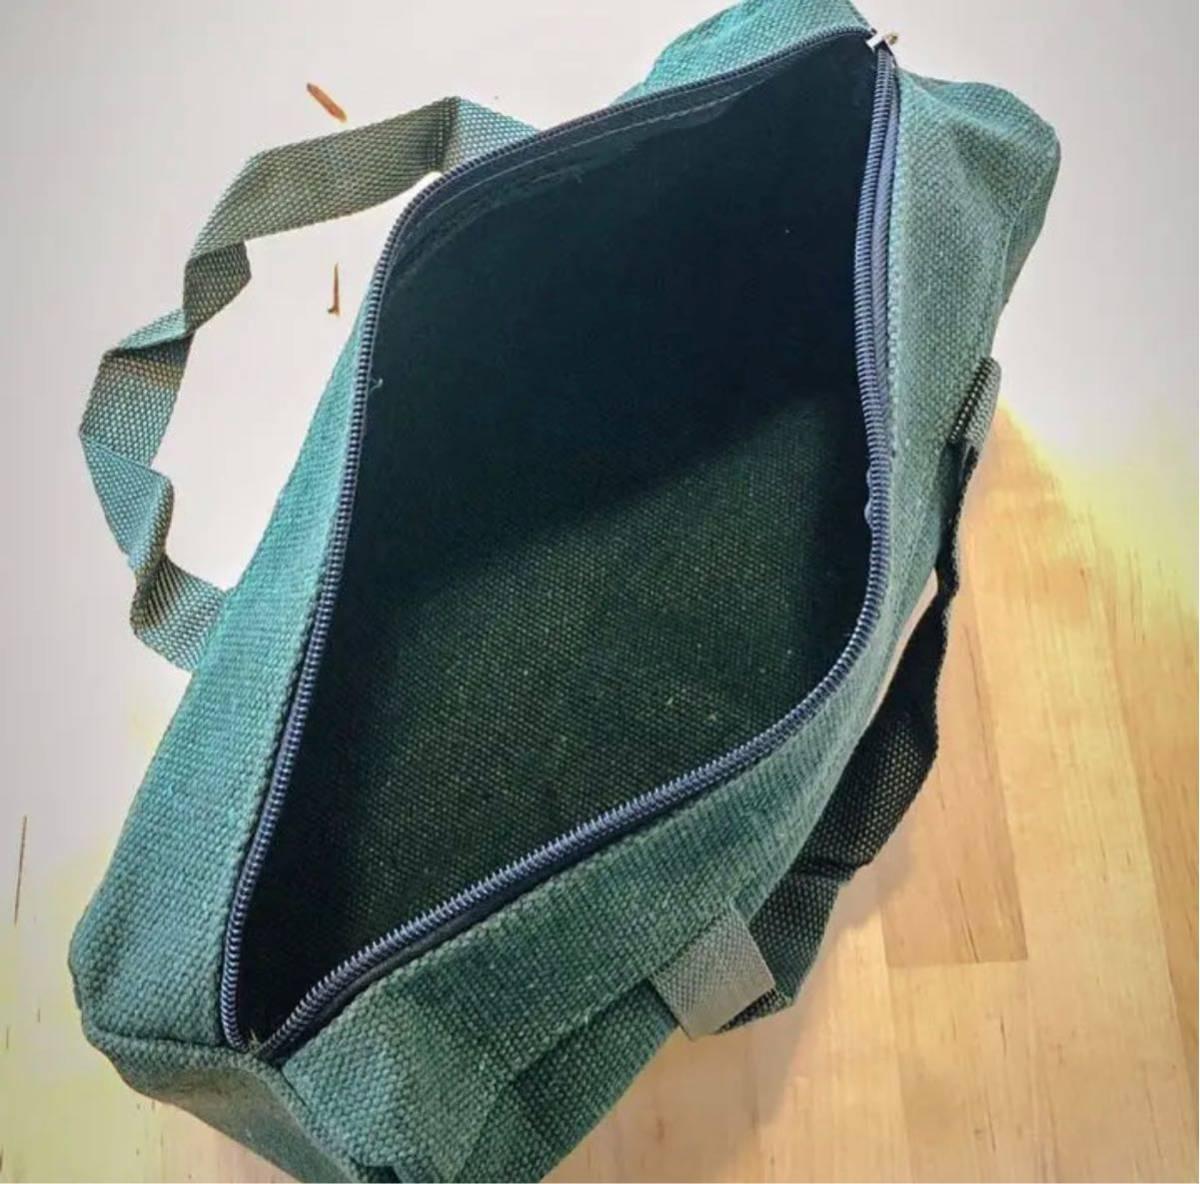 【日本未発売】 ペグ ケース 道具入れ ミリタリー 男 グリーン 緑 キャンバス 鞄 バッグ アウトドア キャンプ テント タープ